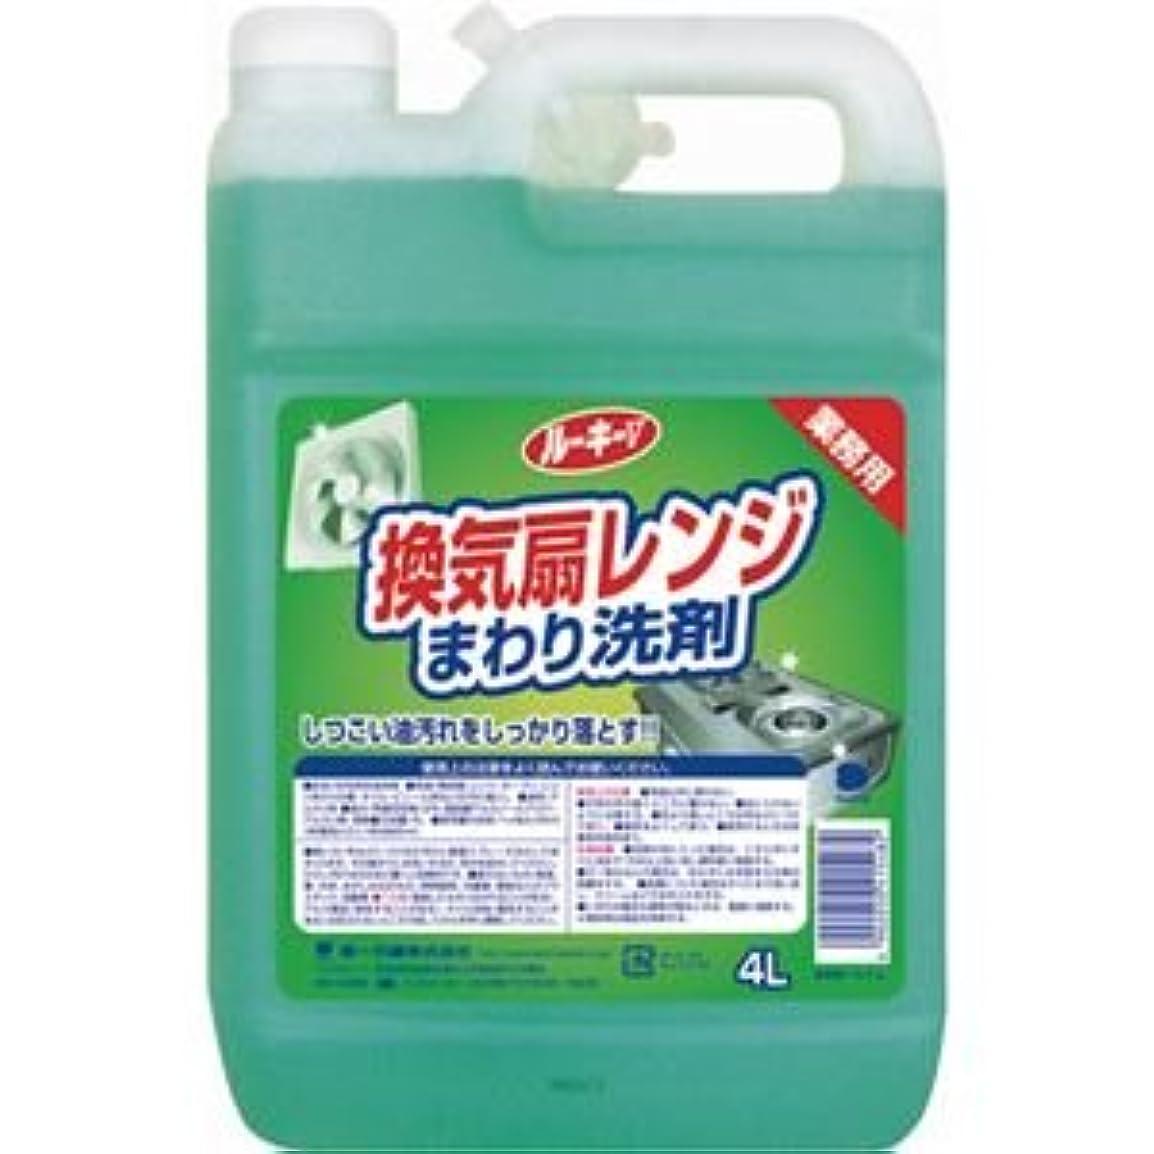 投資ウェブ大惨事(まとめ) 第一石鹸 ルーキー 換気扇レンジクリーナー 業務用 4L 1本 【×5セット】